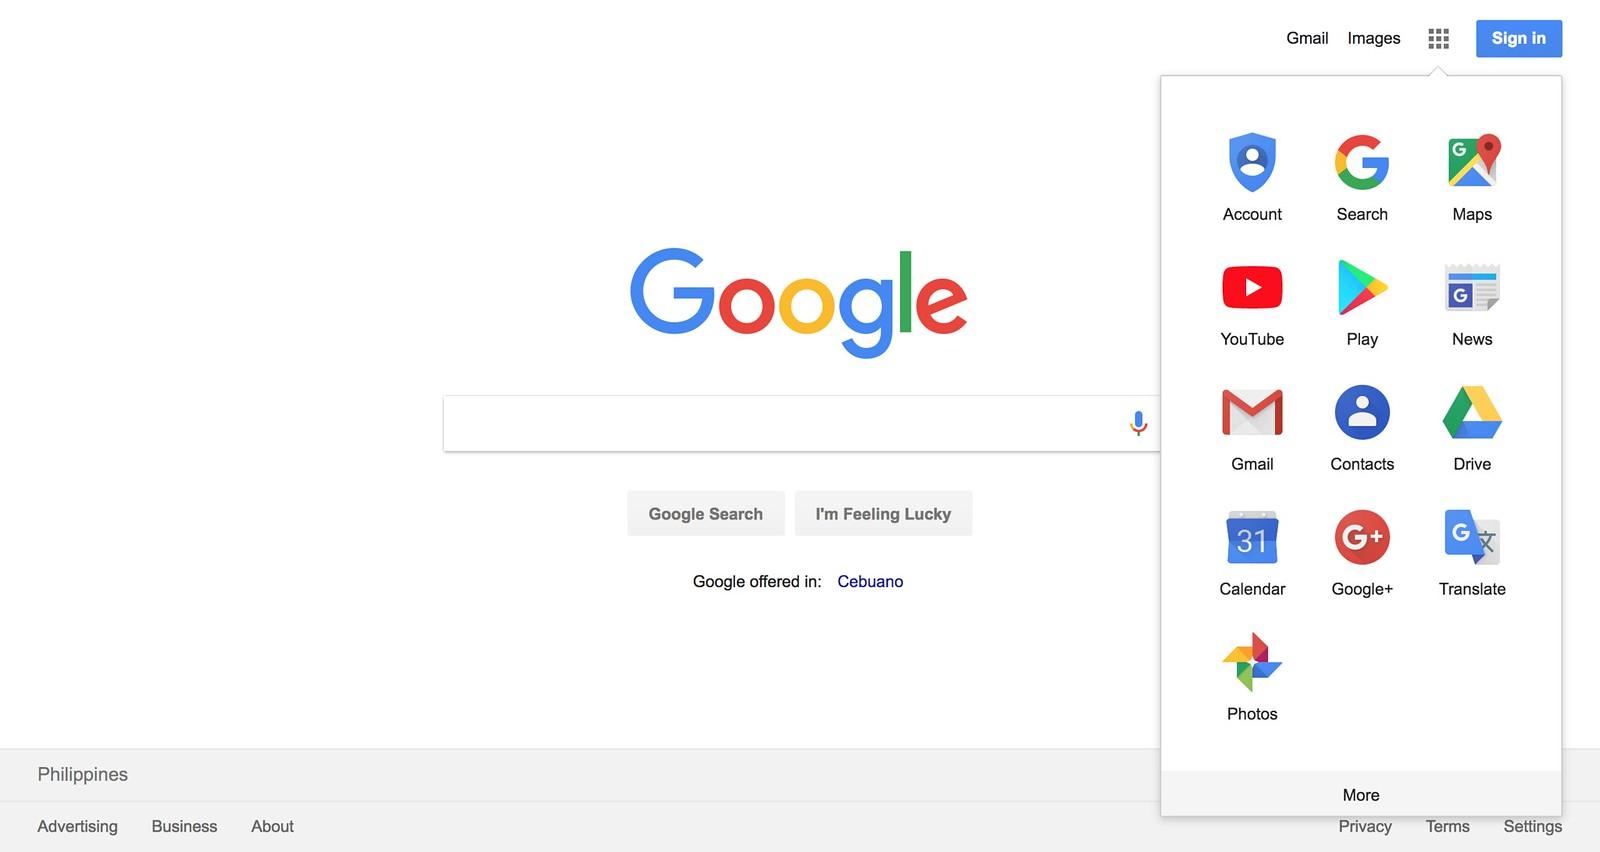 Google Homepage - Google Apps Menu